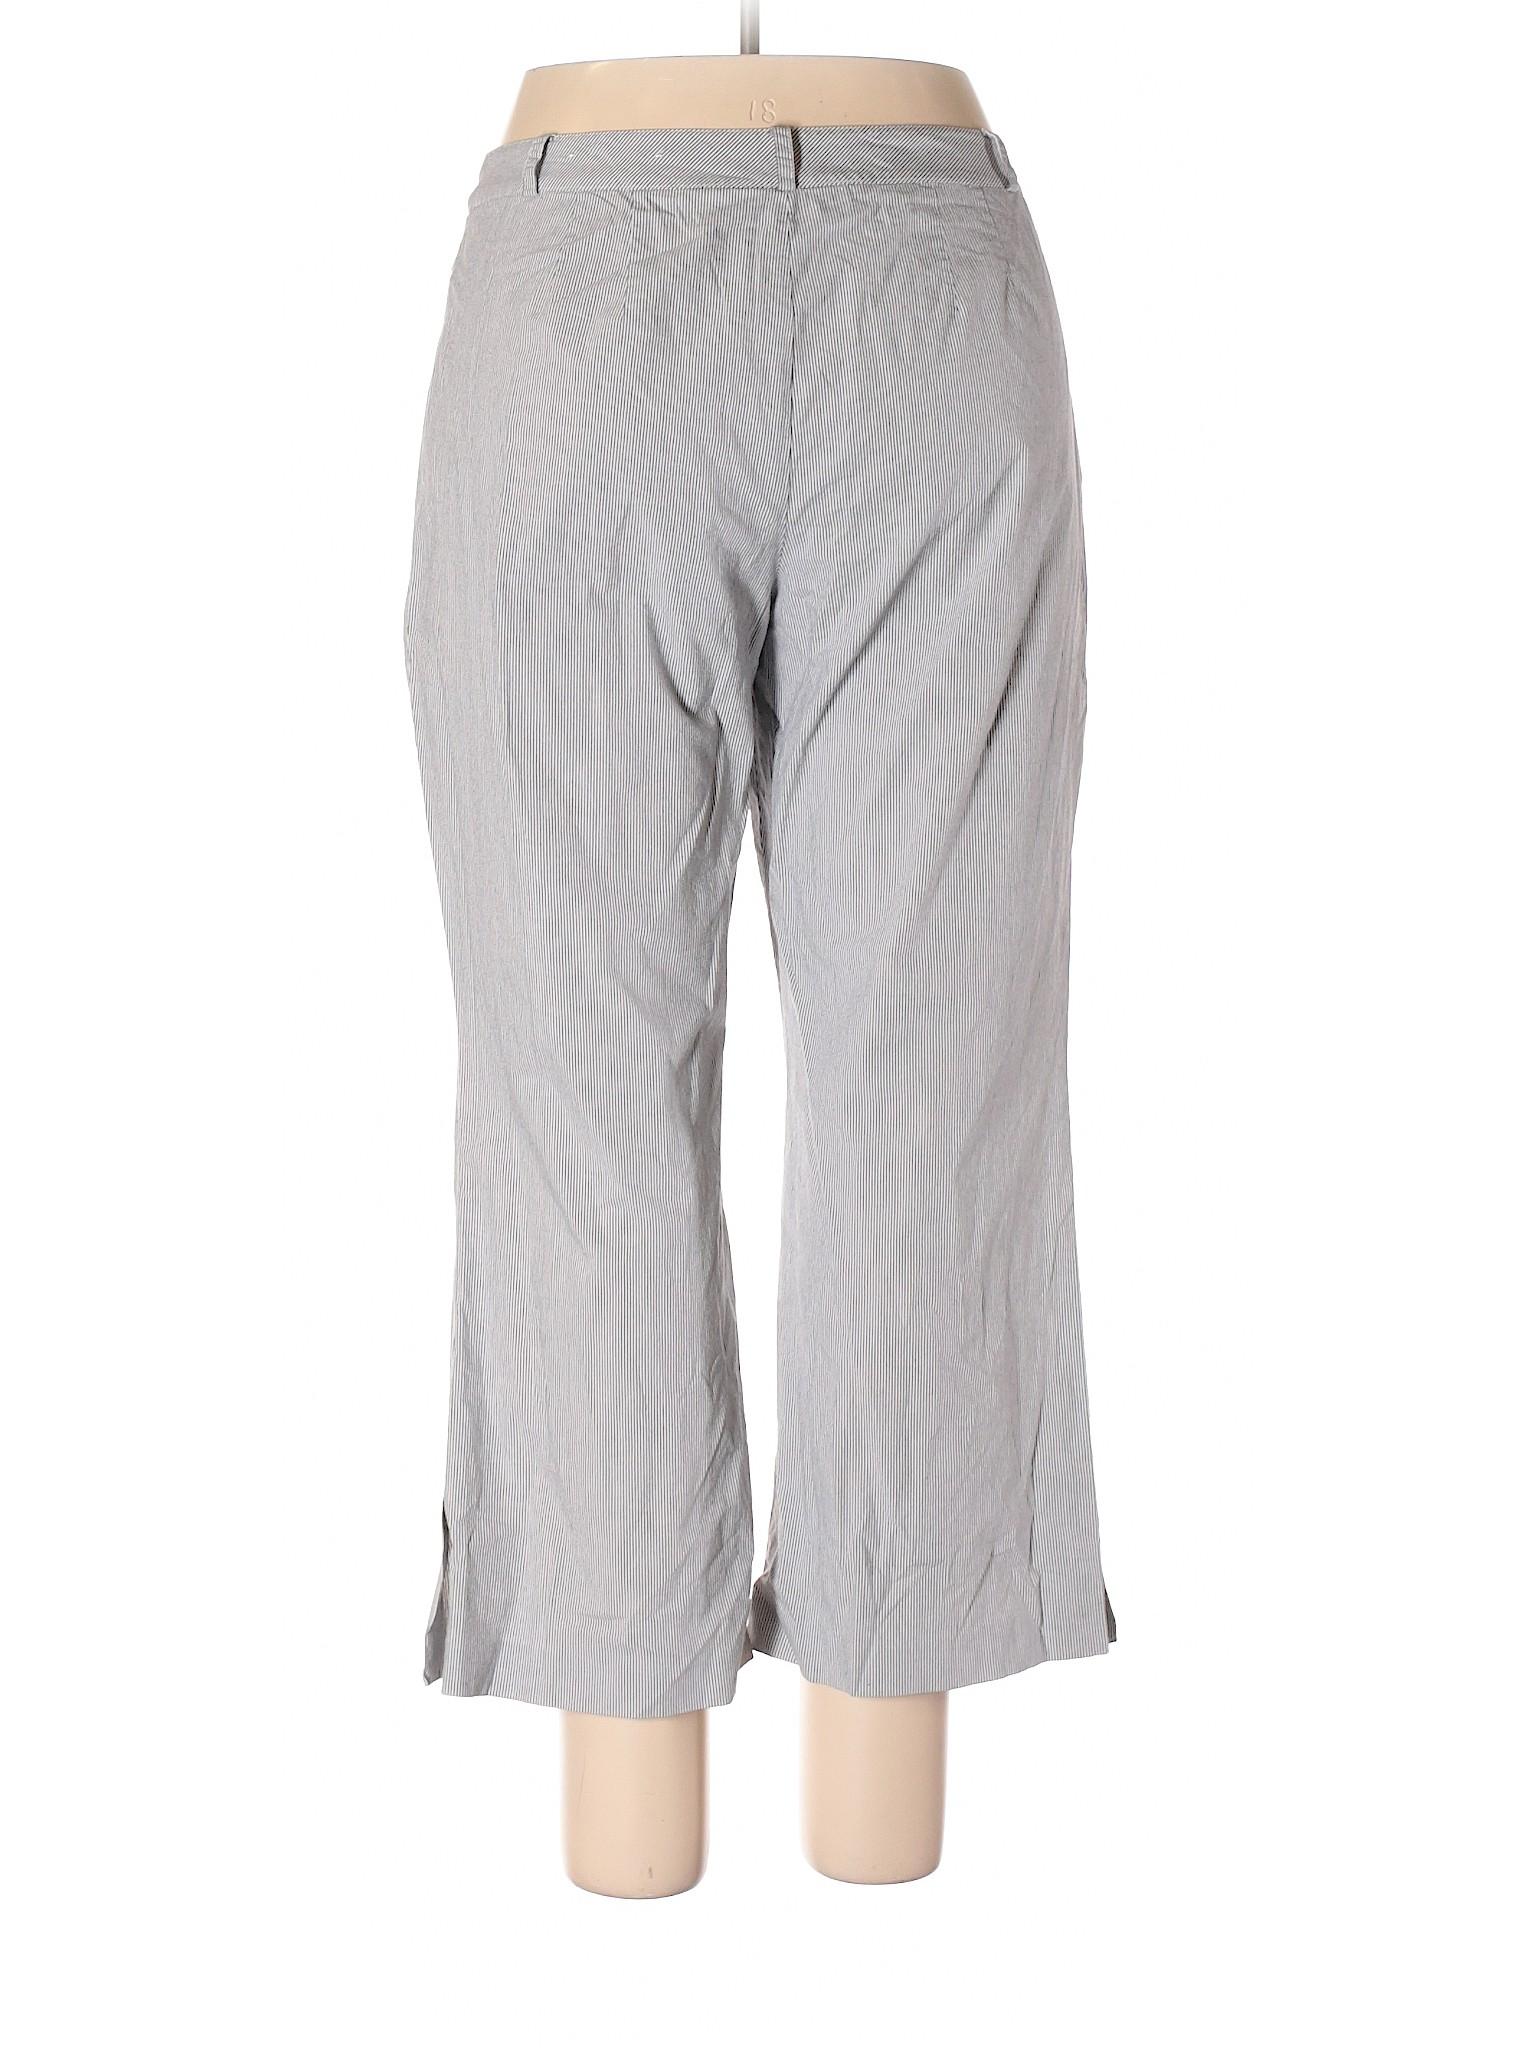 Loft Pants Casual Ann Boutique Taylor qZU1W8Hzn